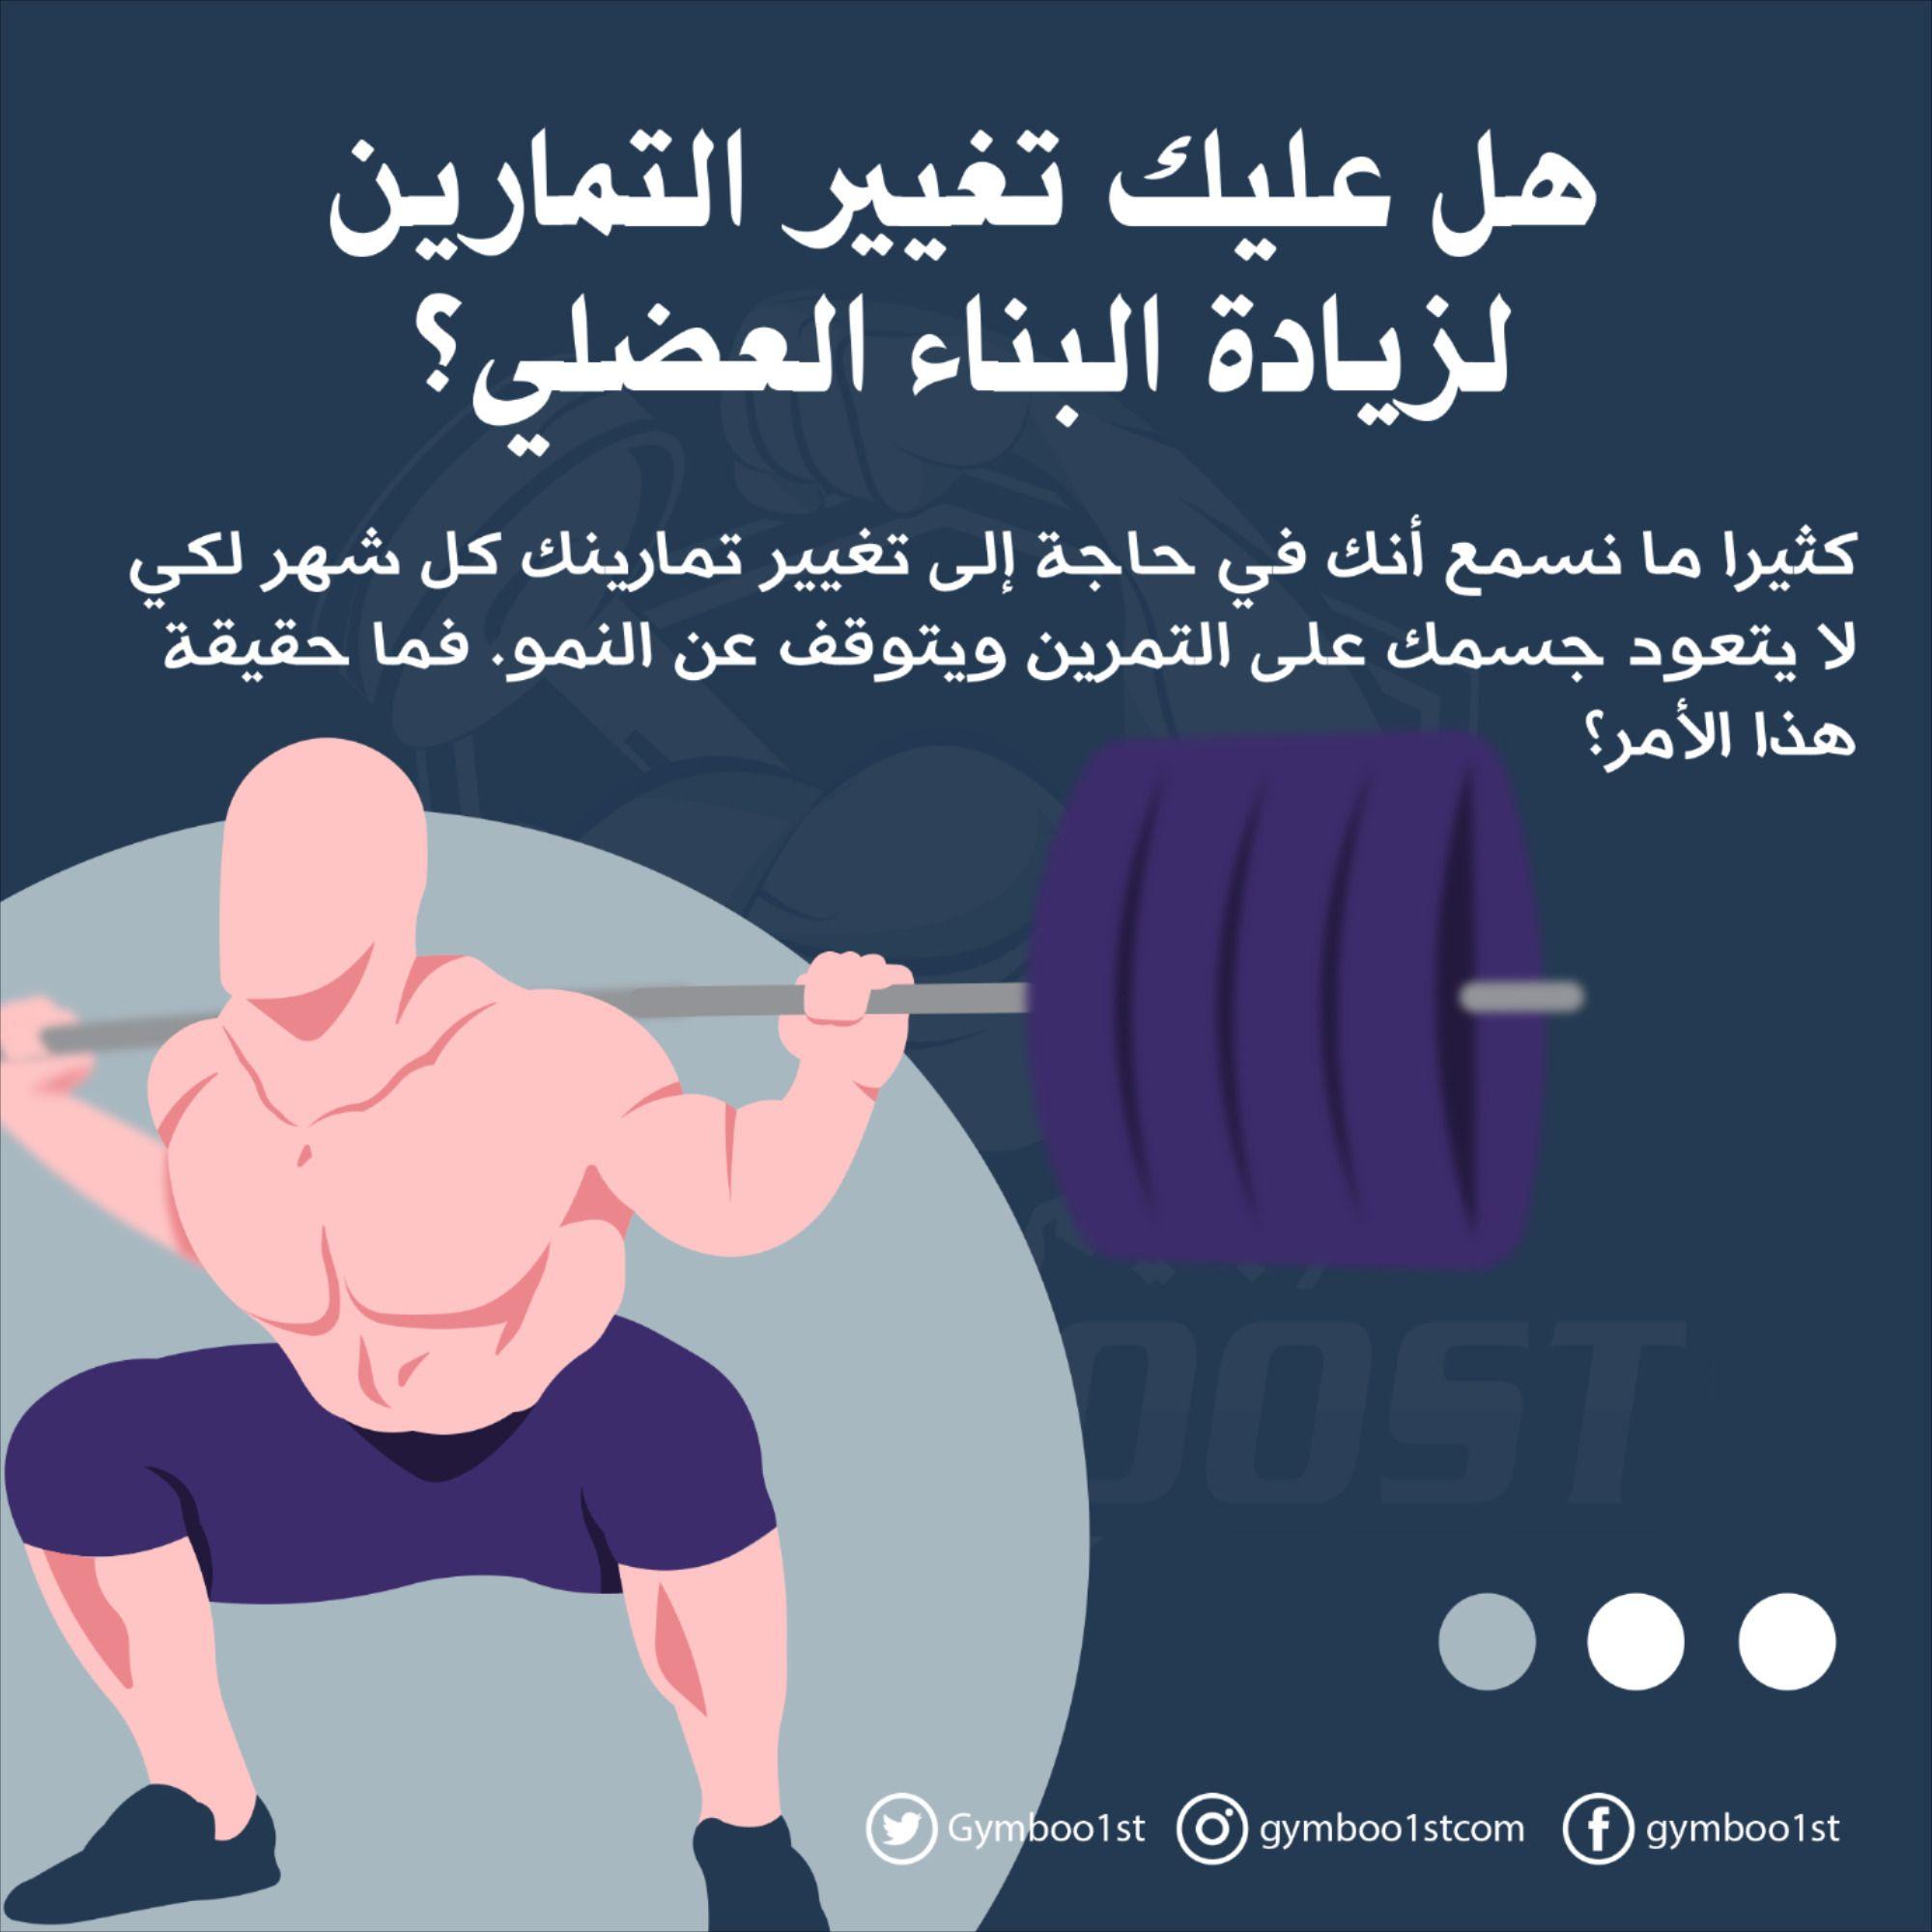 تغيير التمارين لزيادة البناء العضلي Gym Fitness Movie Posters